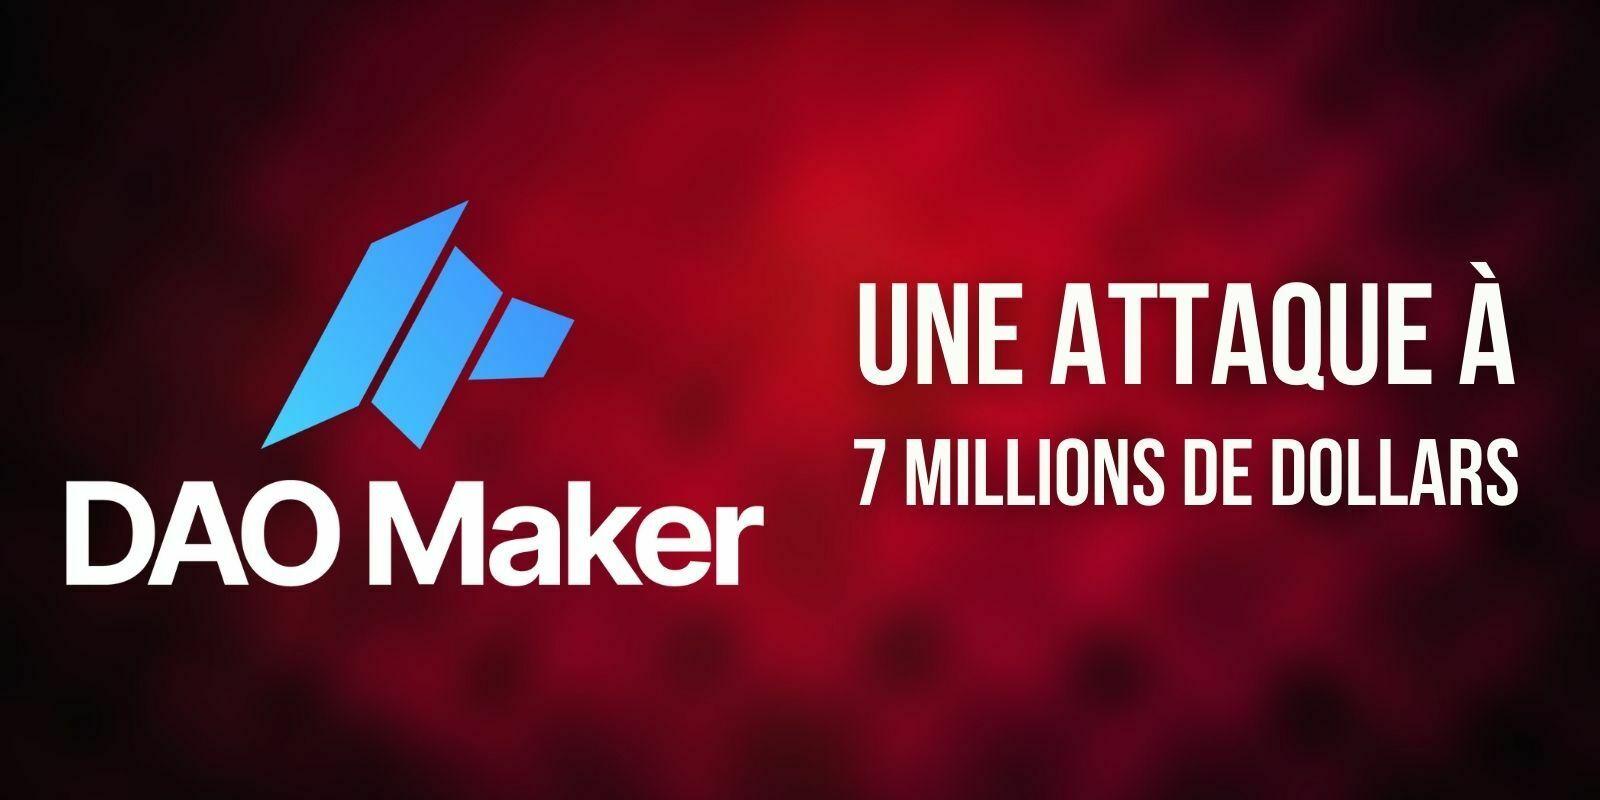 La plateforme DAO Maker victime d'une attaque – 7 millions de dollars dérobés aux utilisateurs